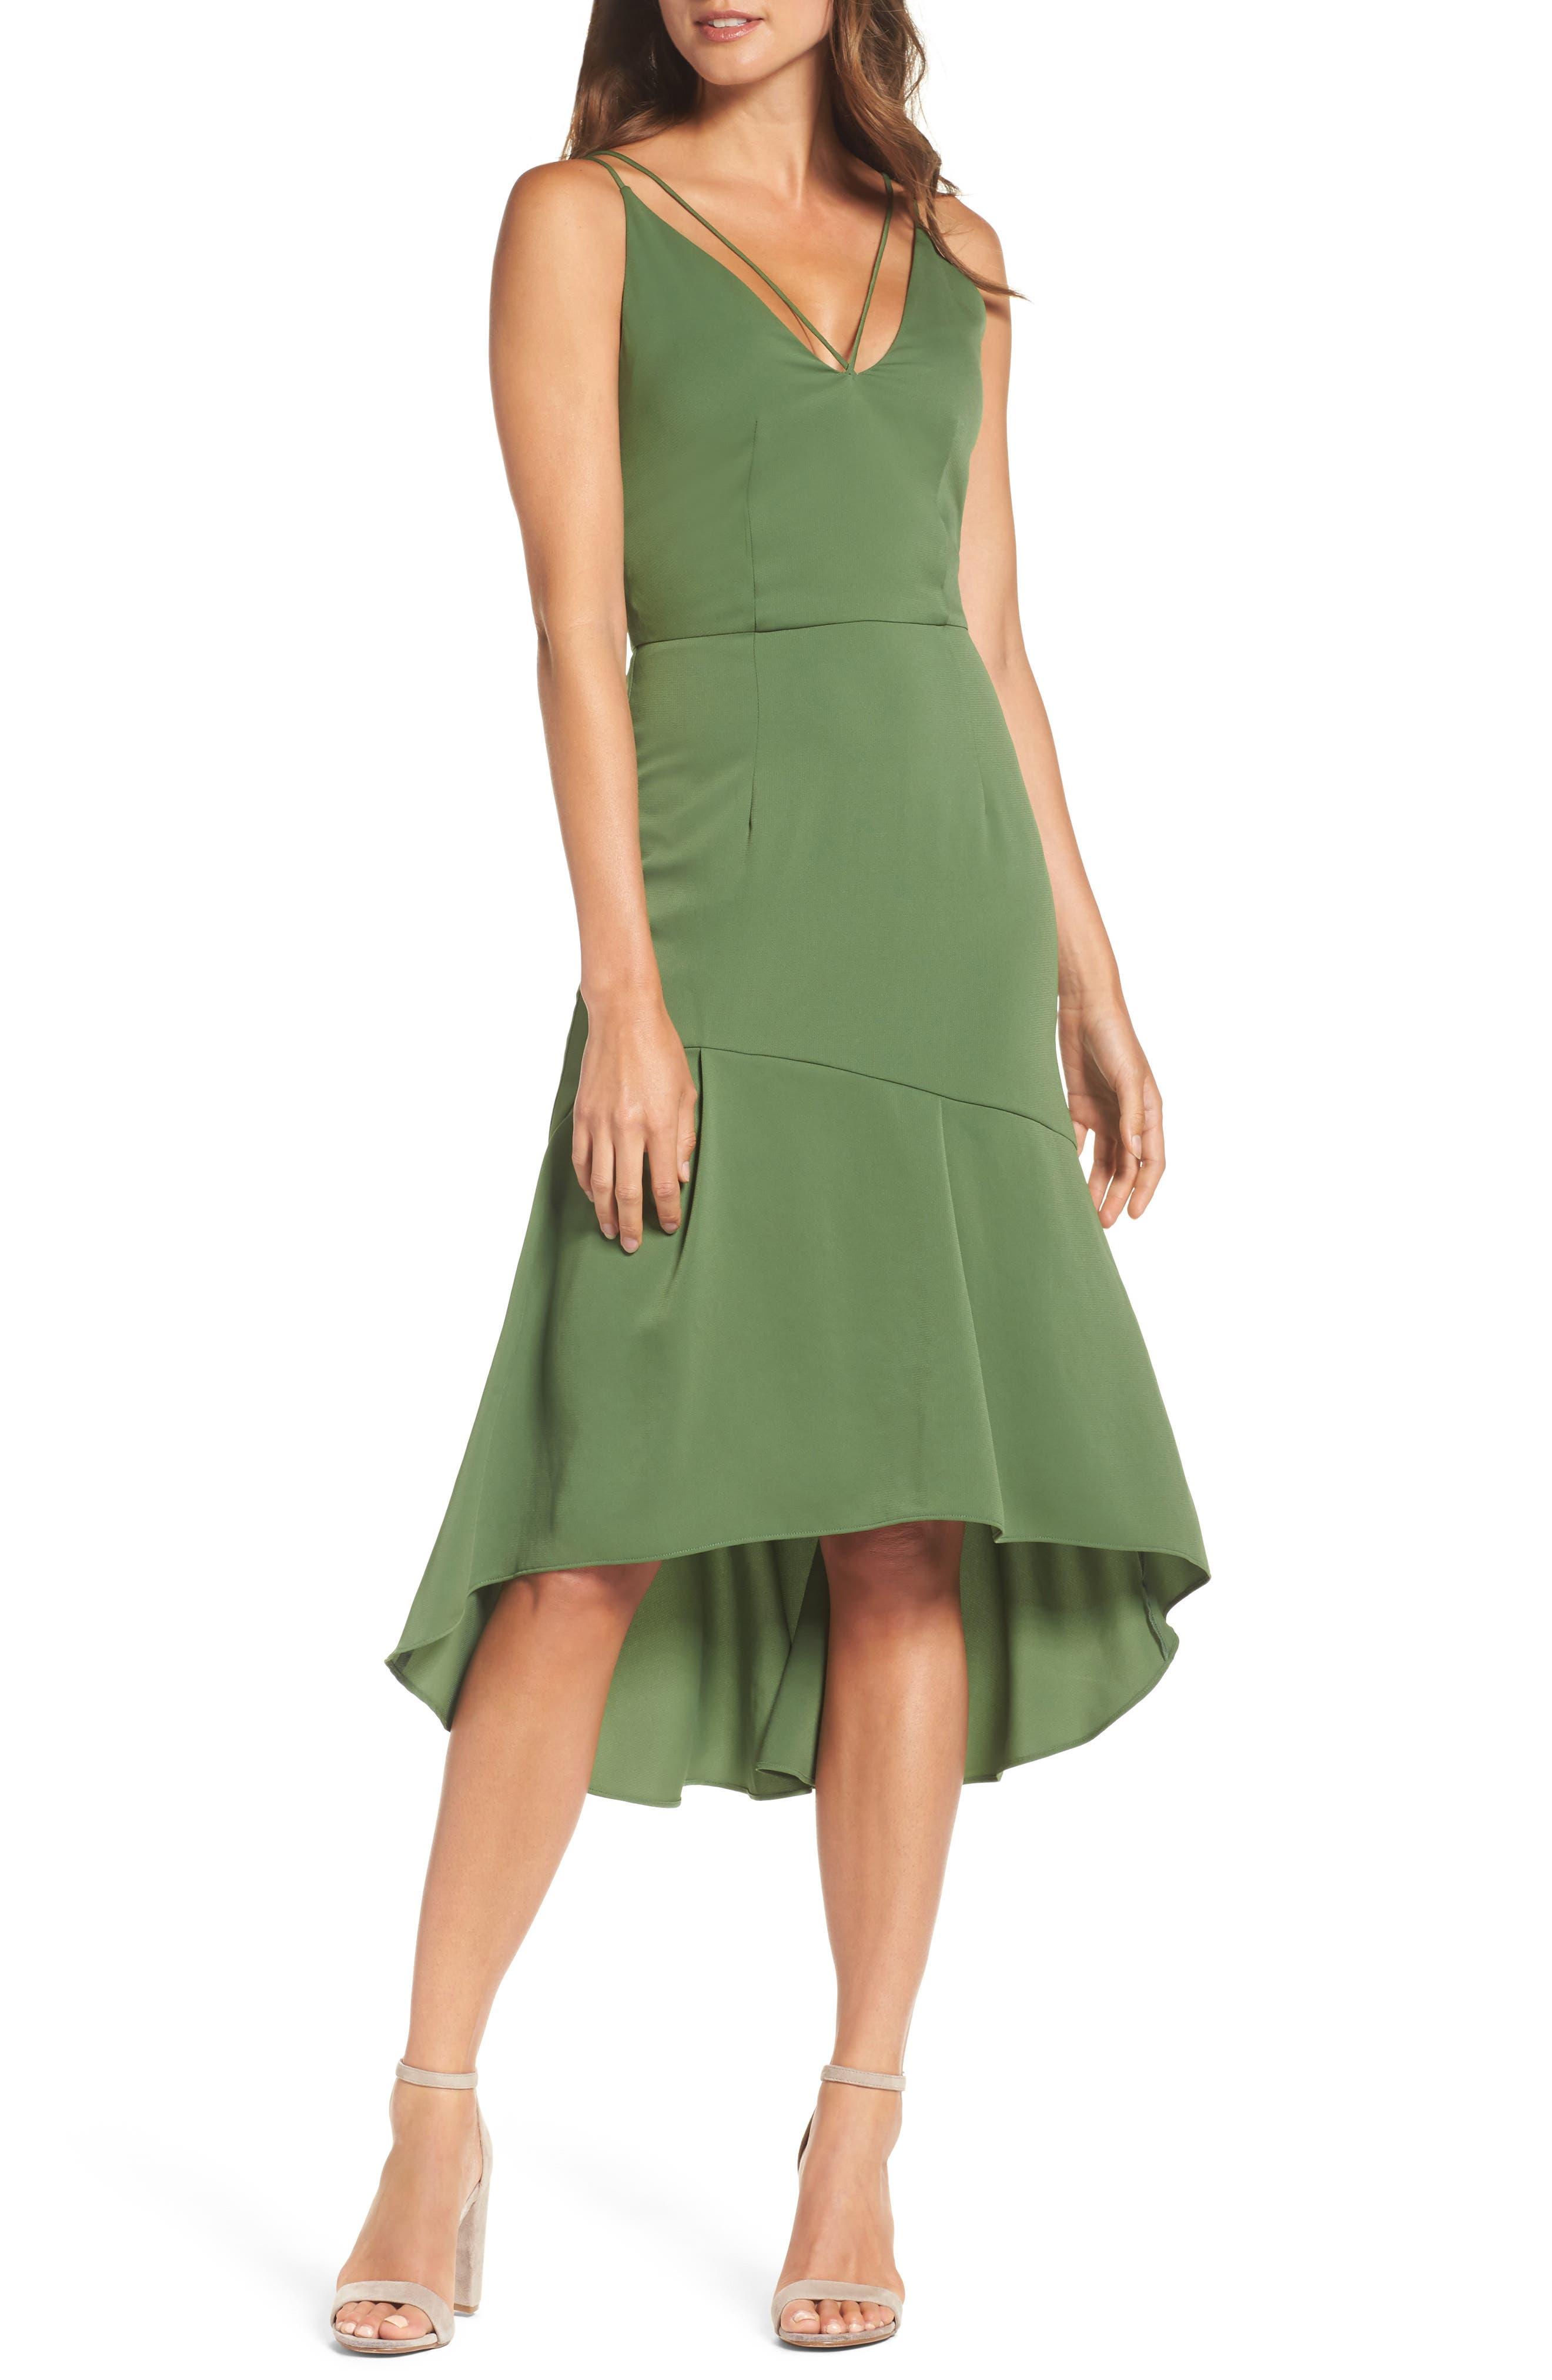 Lovine Midi Dress,                             Main thumbnail 1, color,                             301